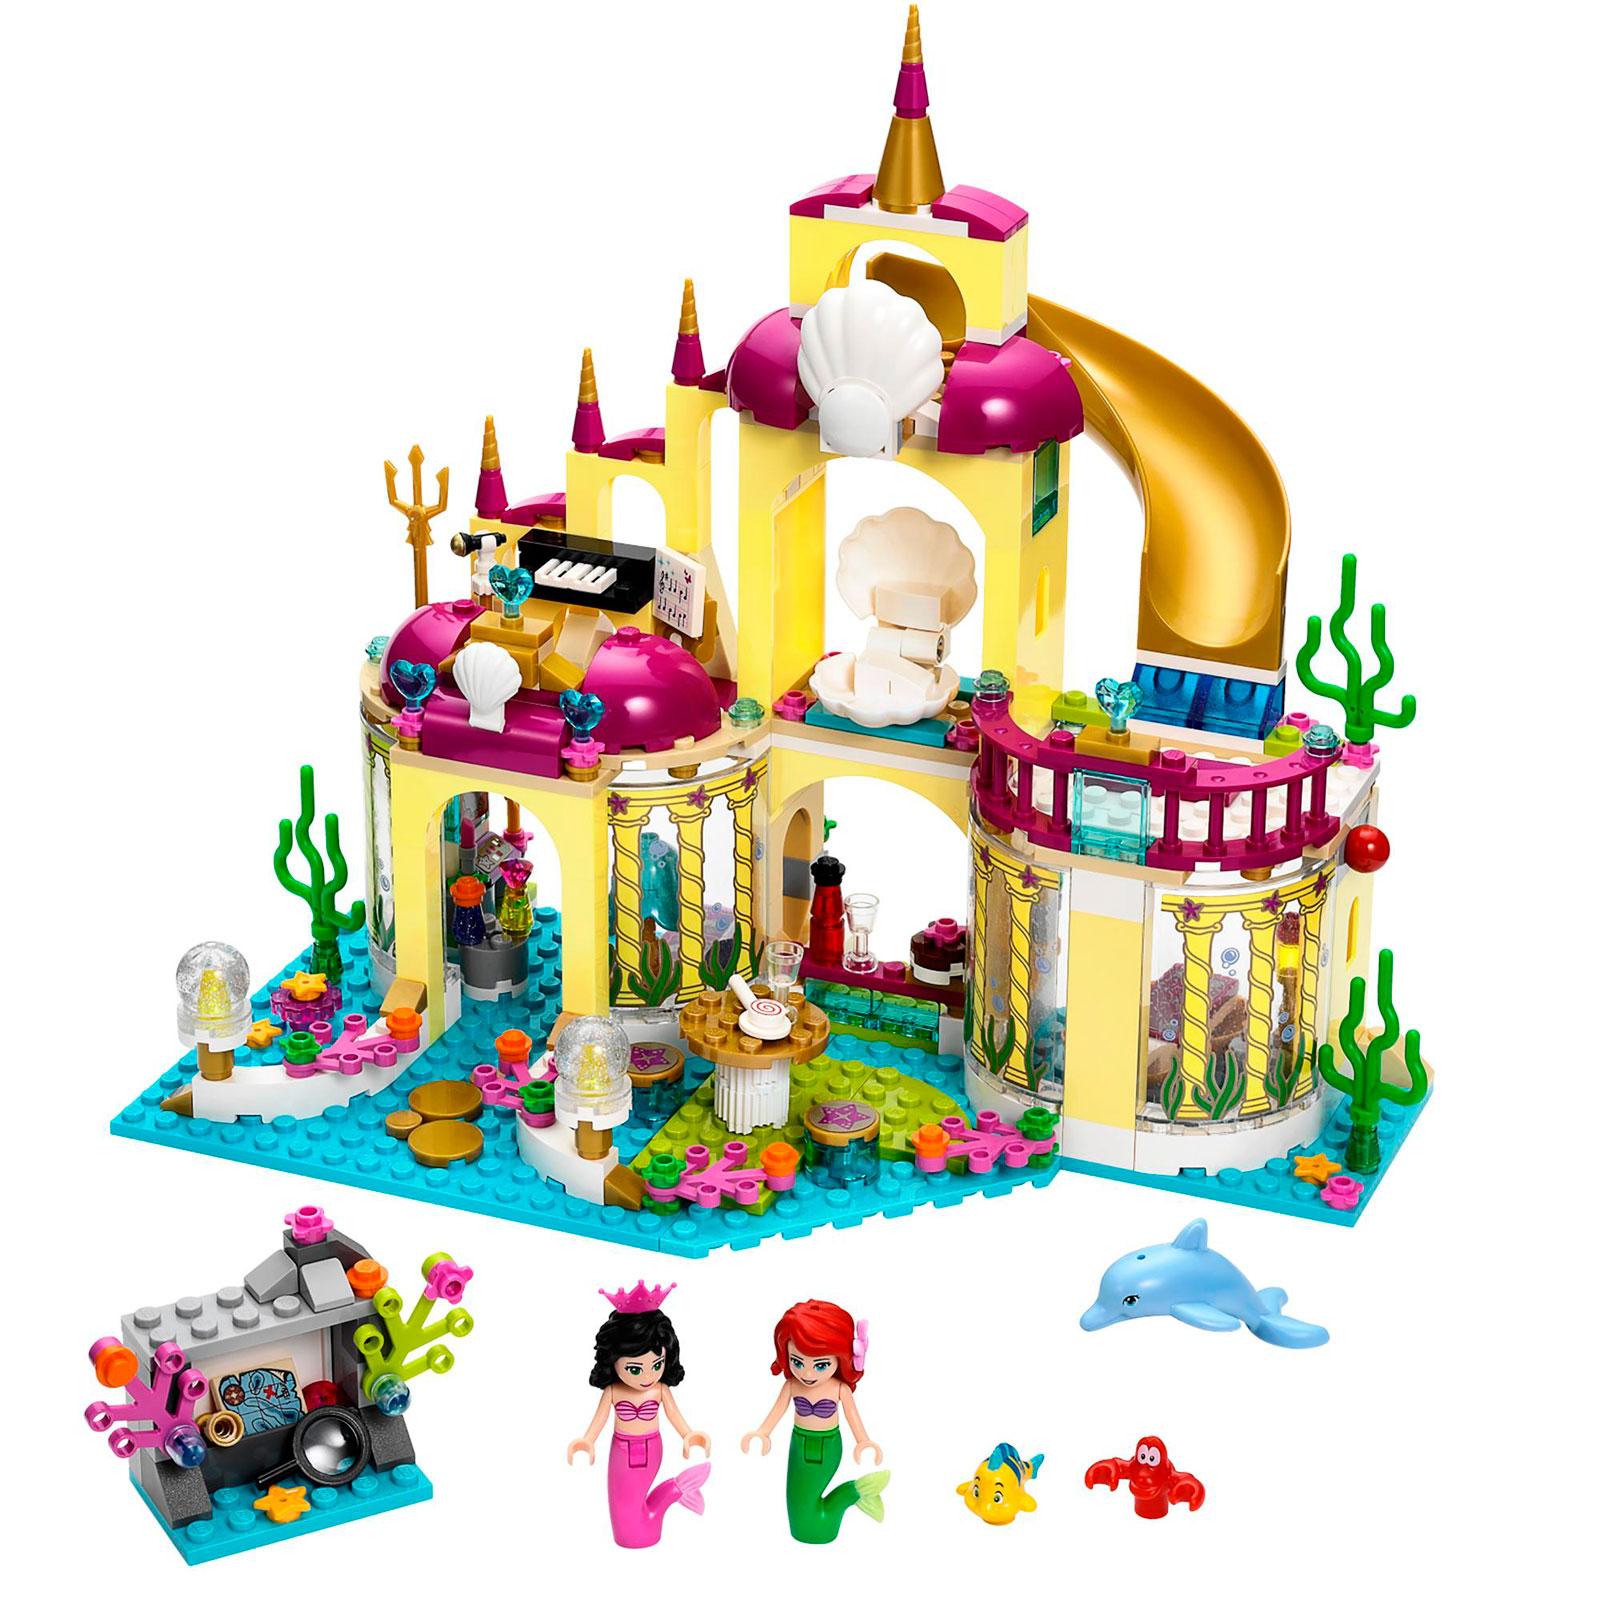 Конструктор LEGO Princess 41063 Подводный дворец Ариэль<br>